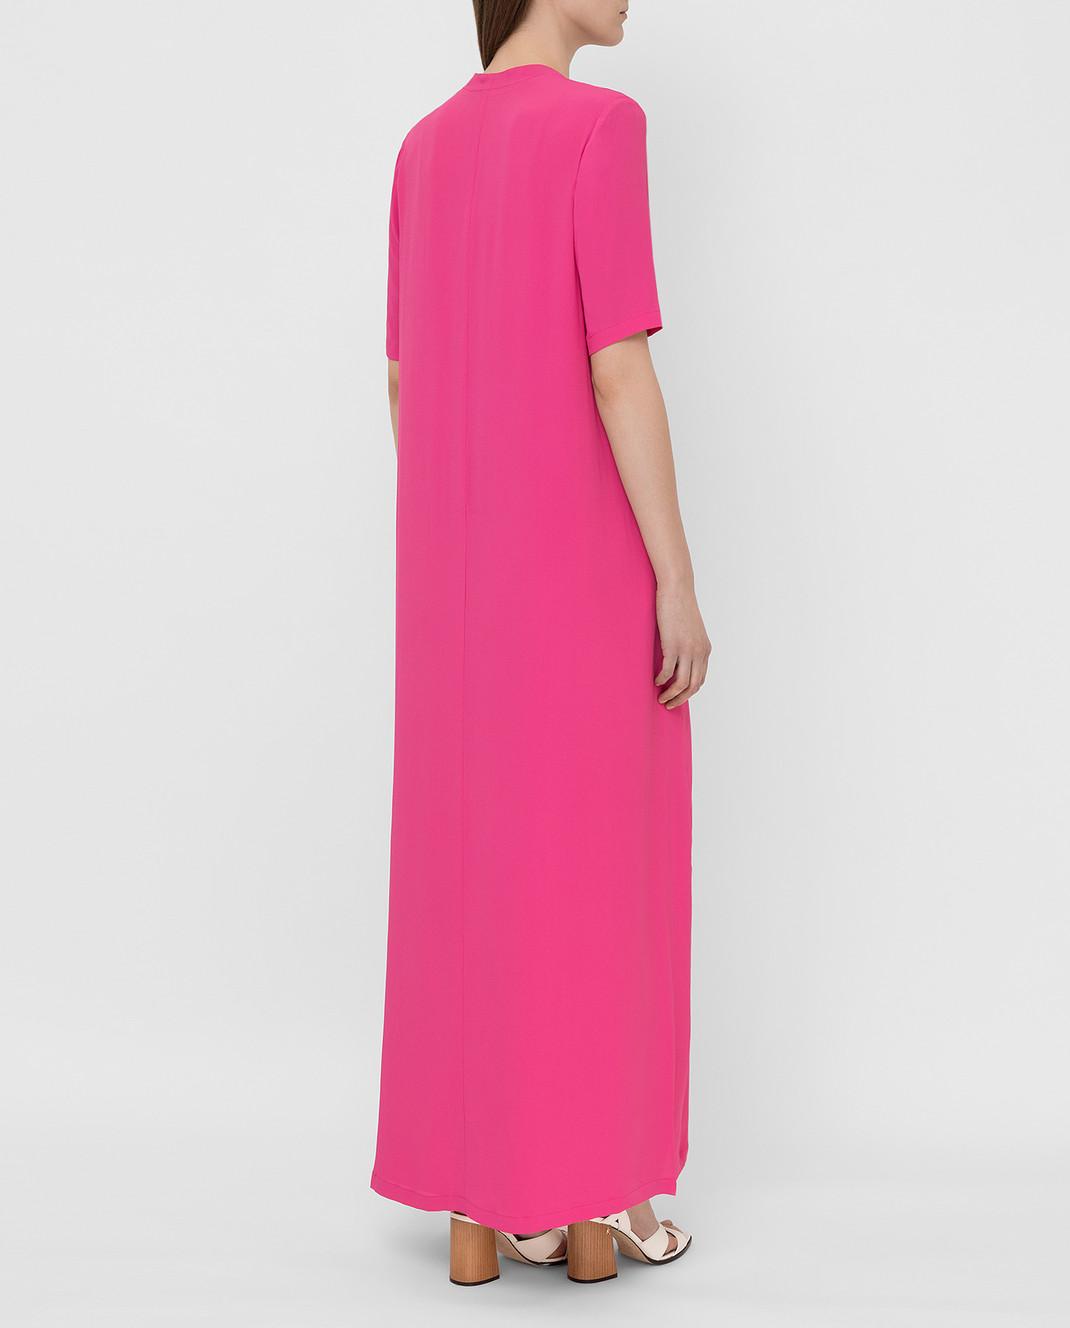 Fabiana Filippi Розовое платье ABD260B985 изображение 4